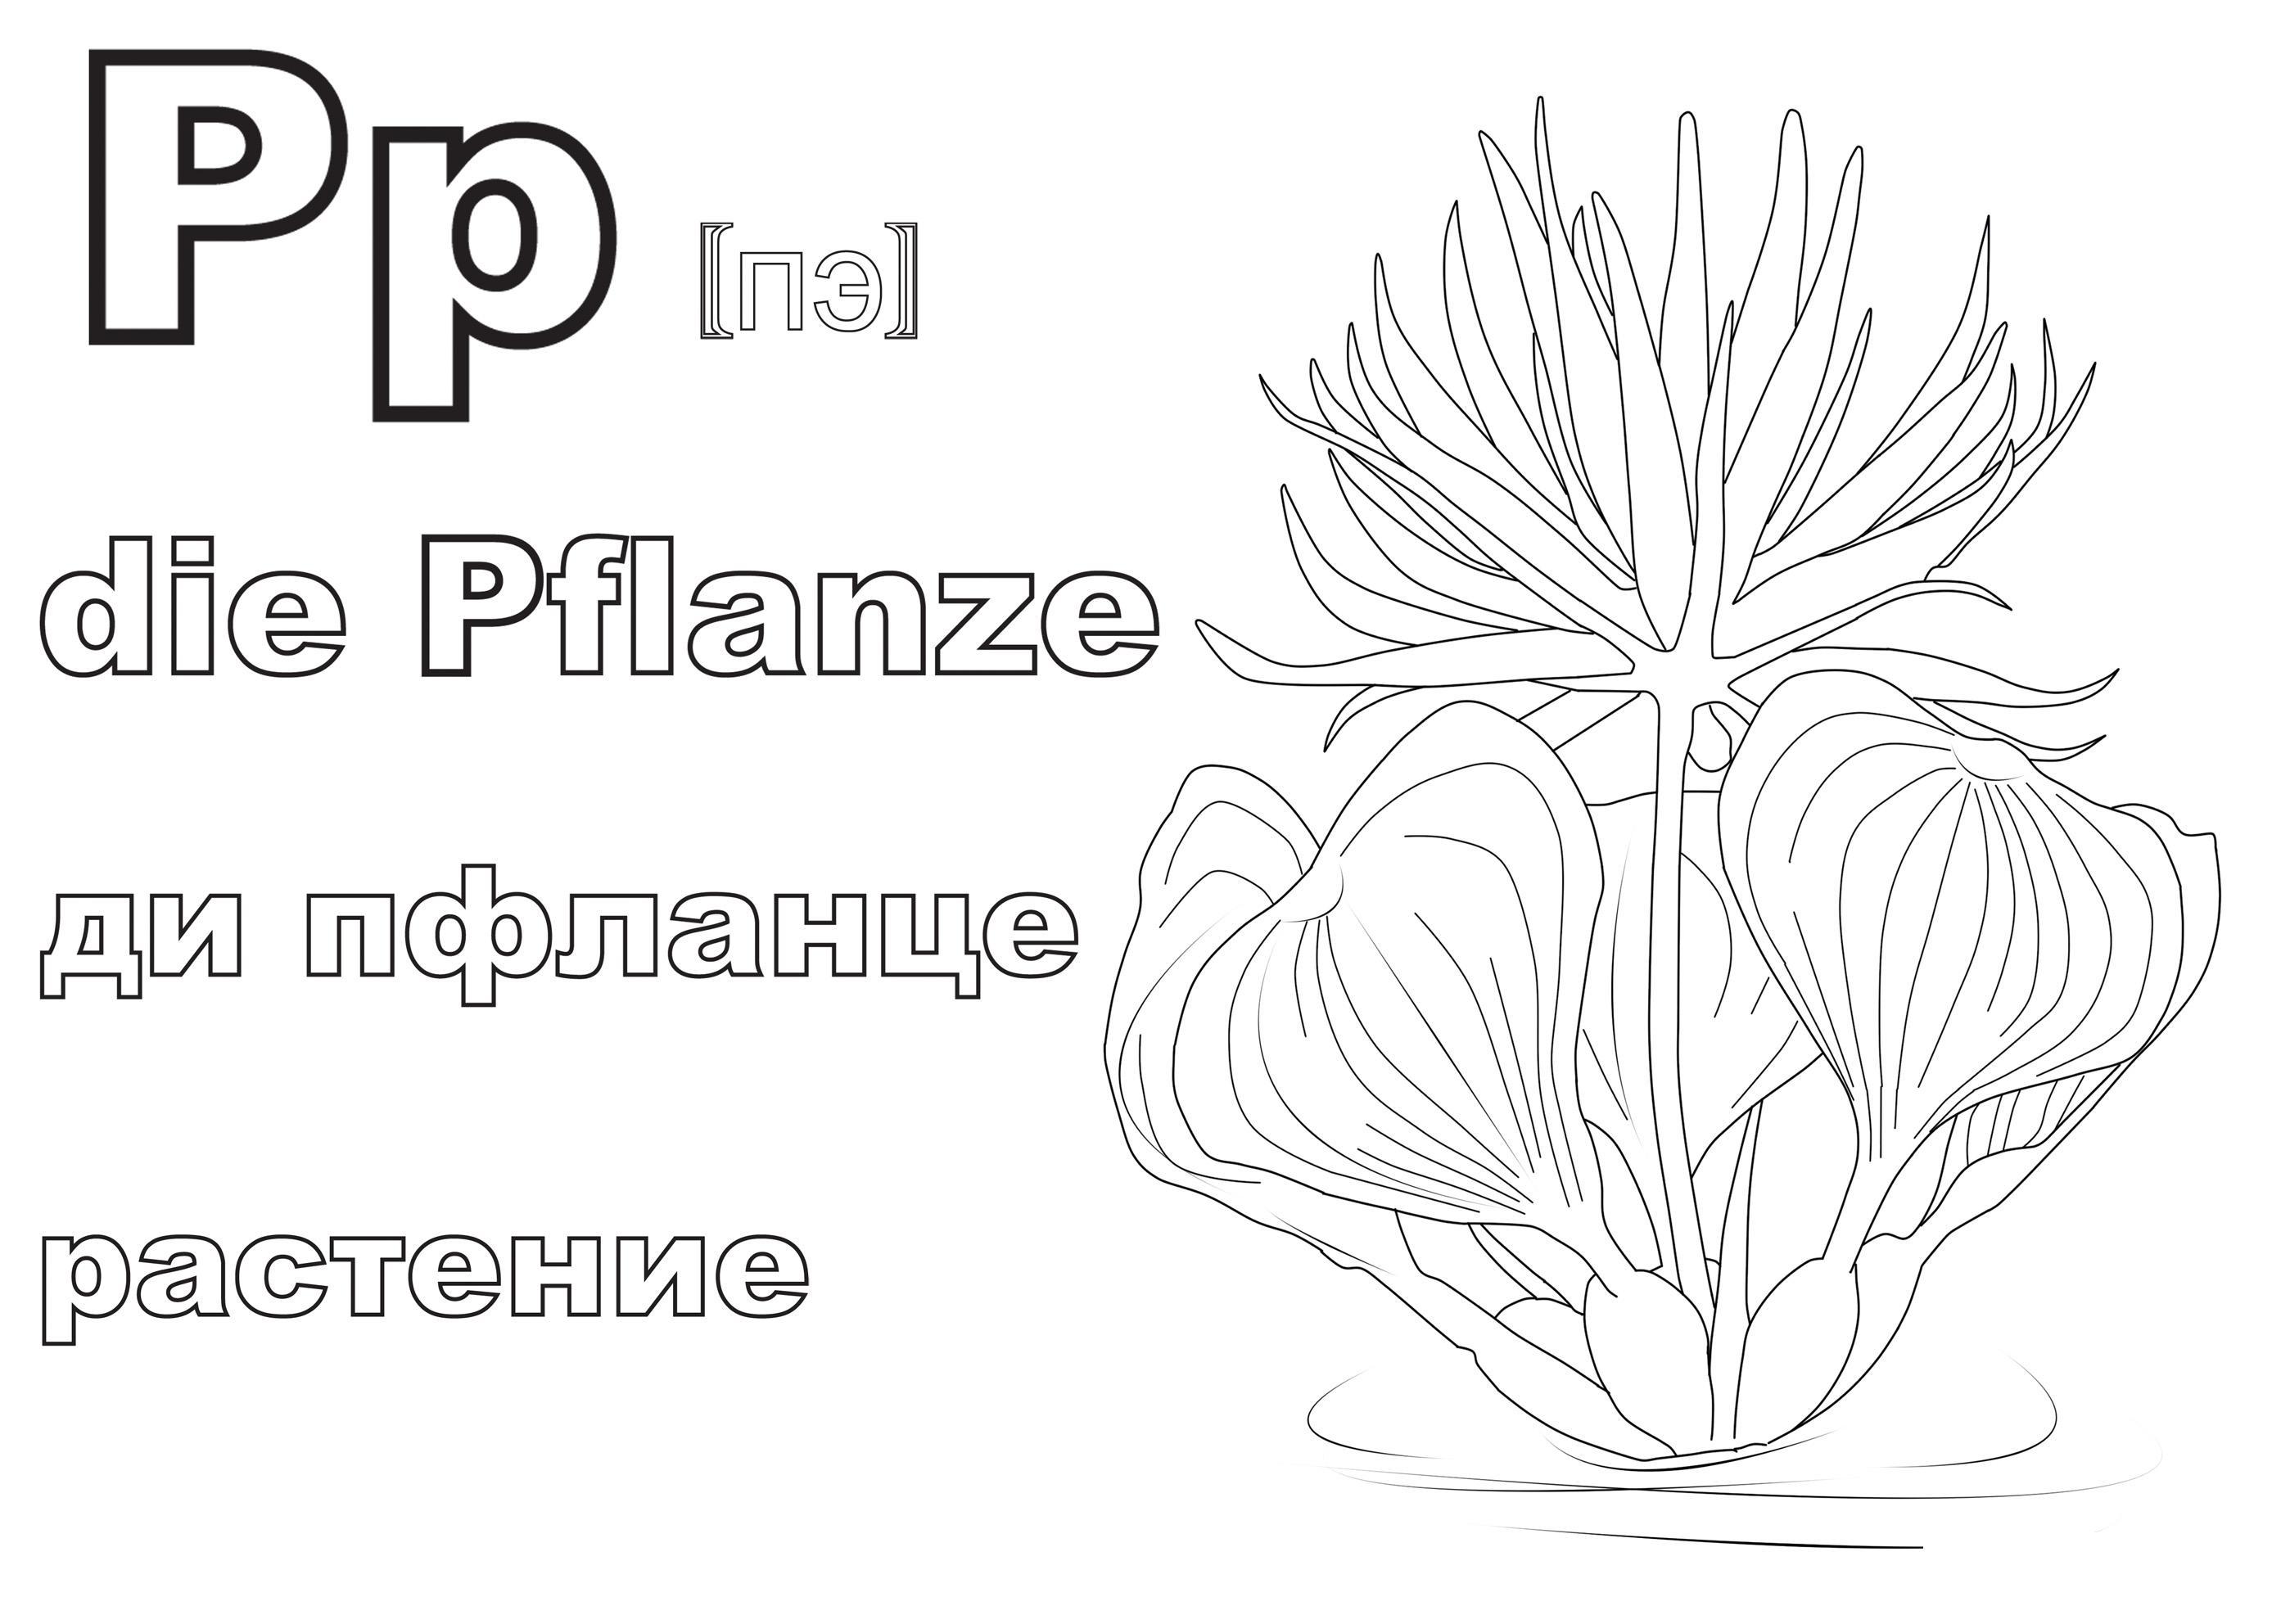 Немецкий алфавит в раскрасках, ди пфланце, растение